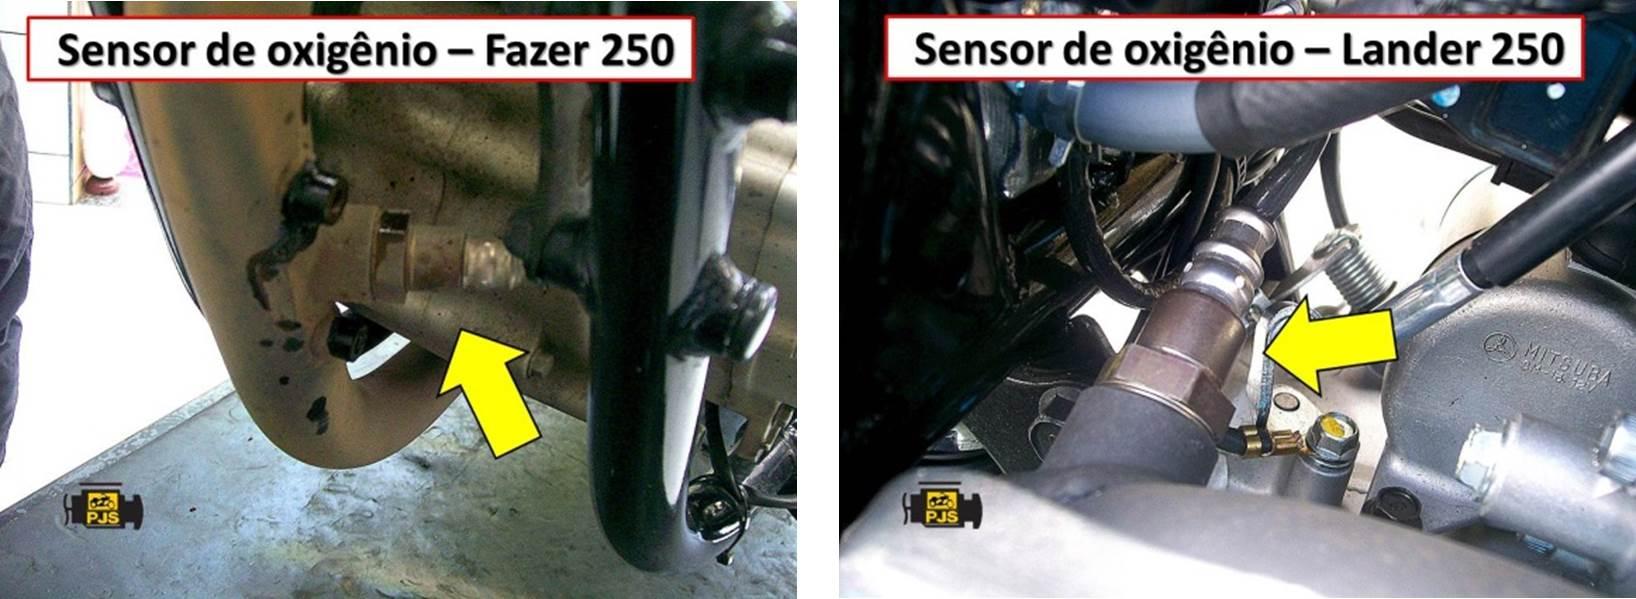 Localizacao_sensor